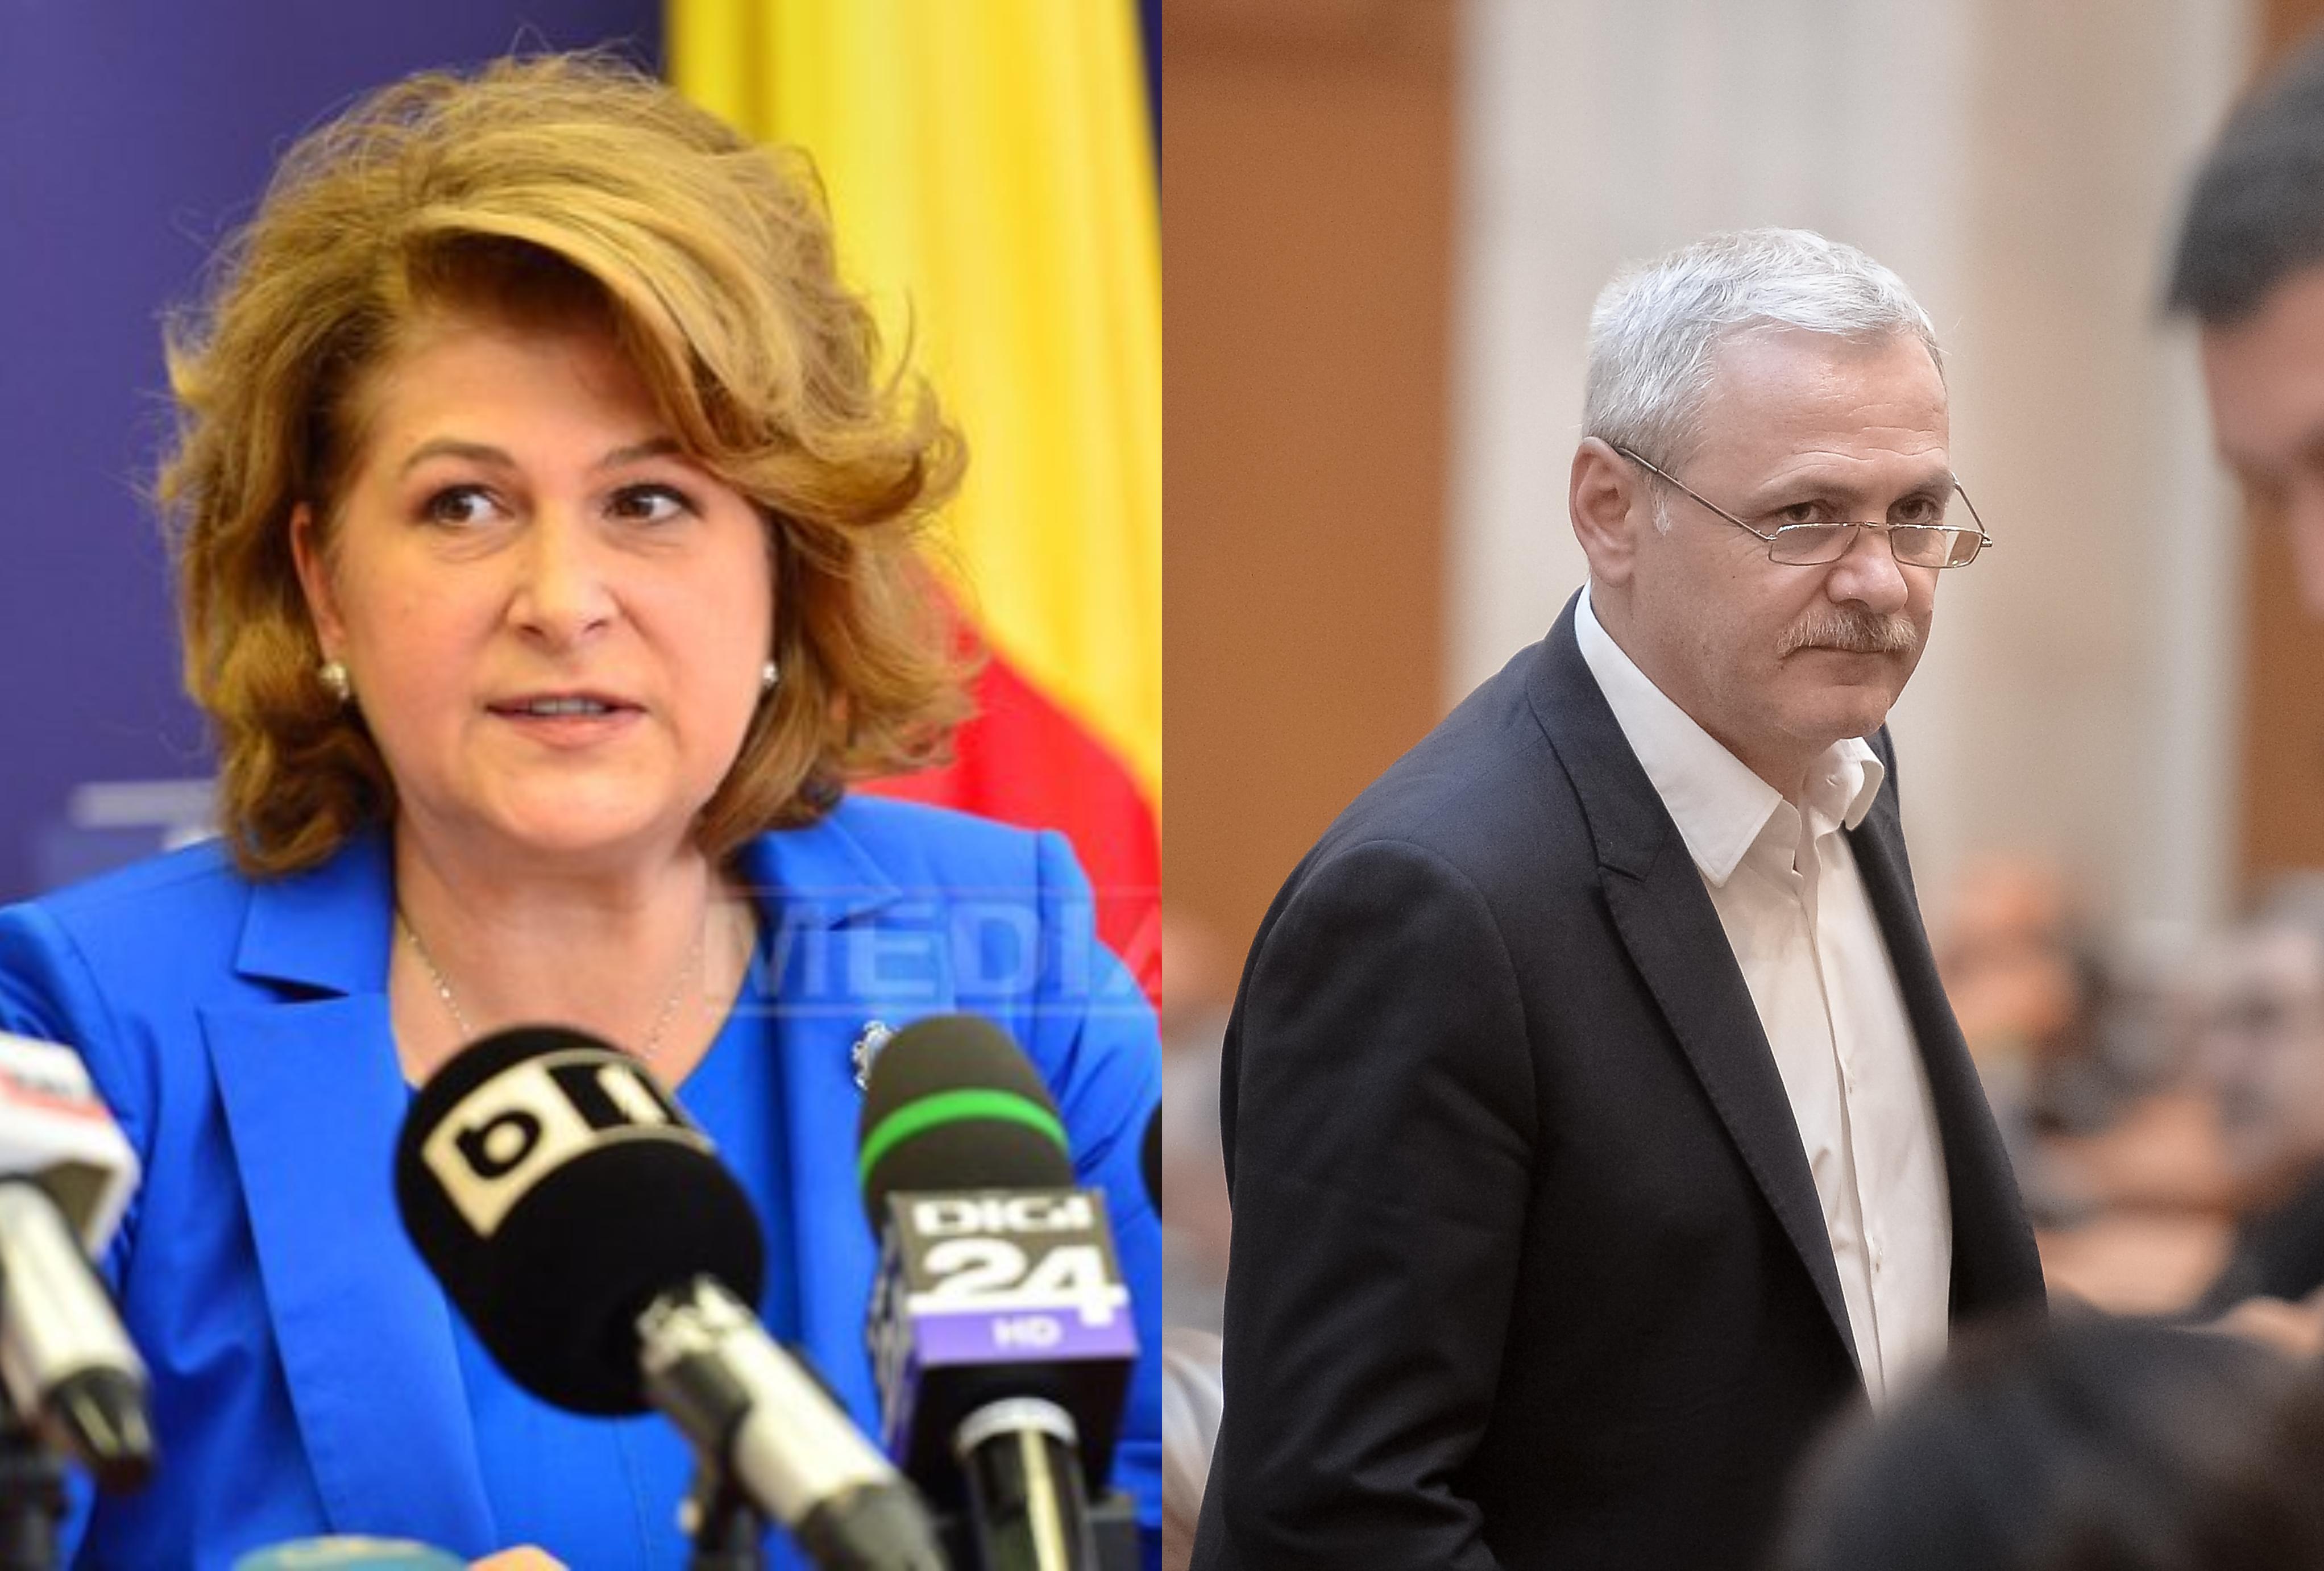 liviu-dragnea-planuri-pentru-viitor-liderul-psd-vrea-ca-rovana-plumb-sa-fie-comisar-european